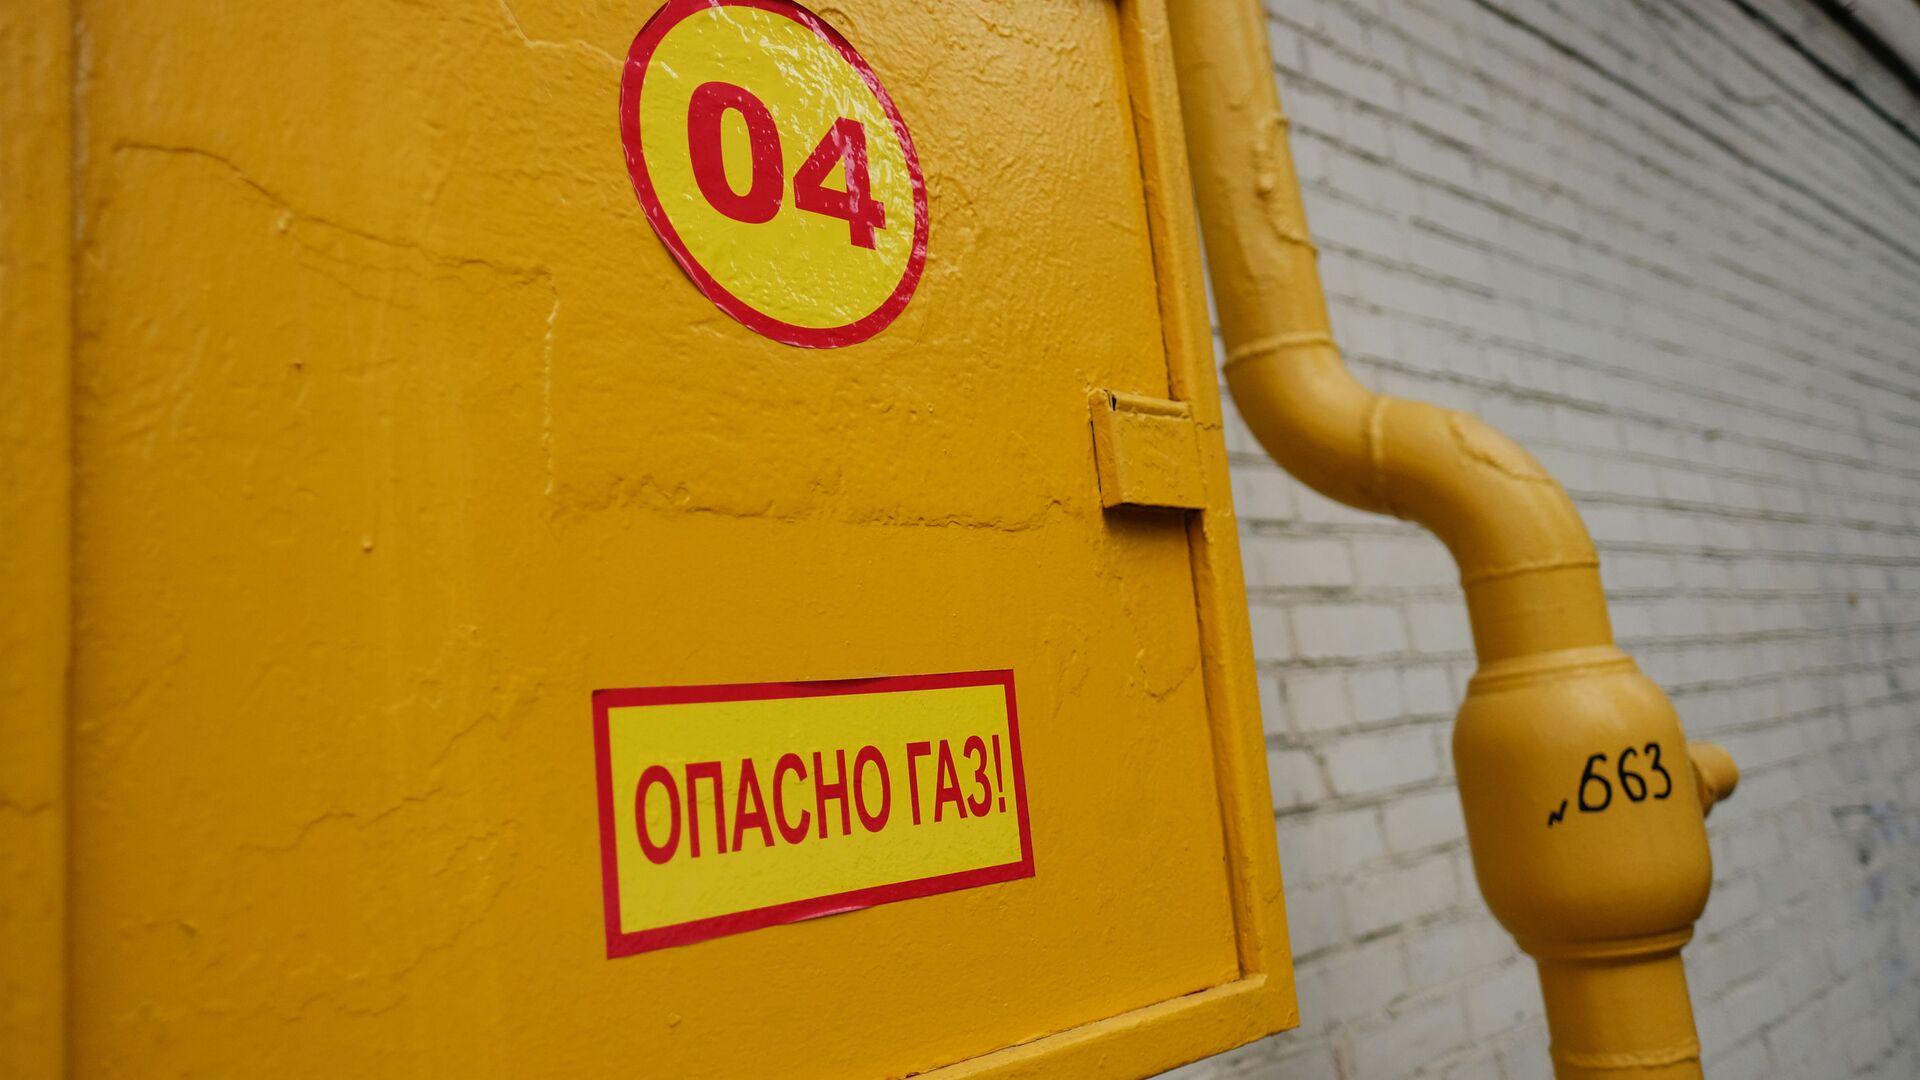 Труба газопровода на фасаде здания - РИА Новости, 1920, 10.09.2020